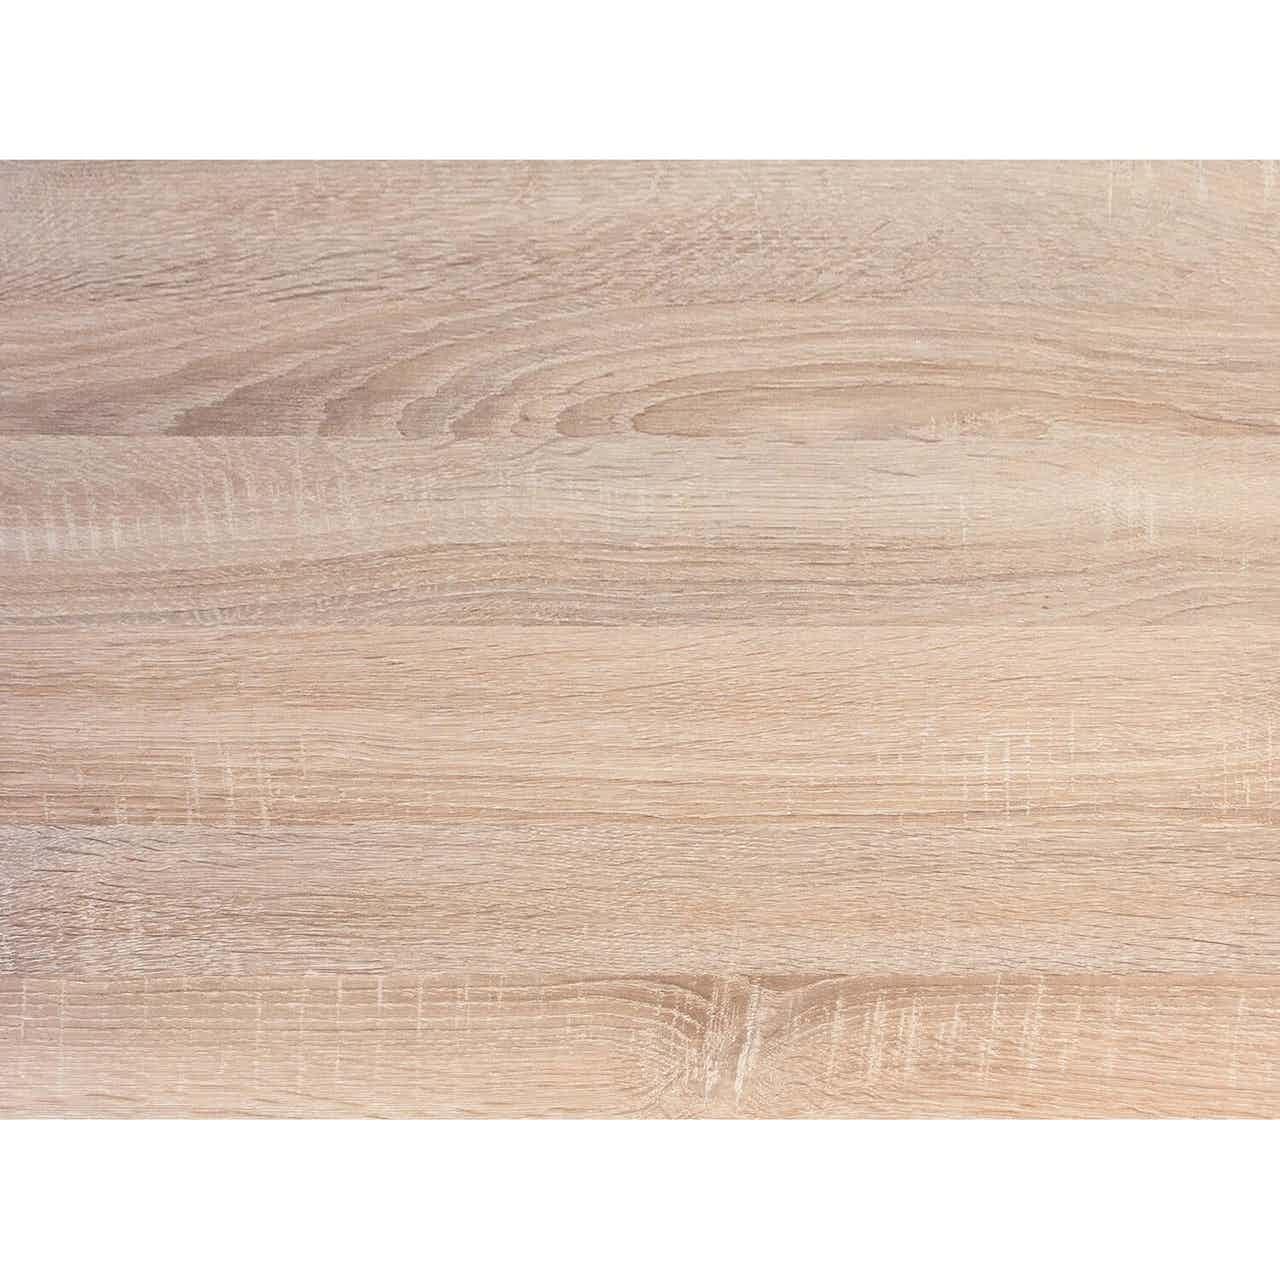 Flex-Well Arbeitsplatte 210 x 60 x 3,8 cm Sonoma Eiche